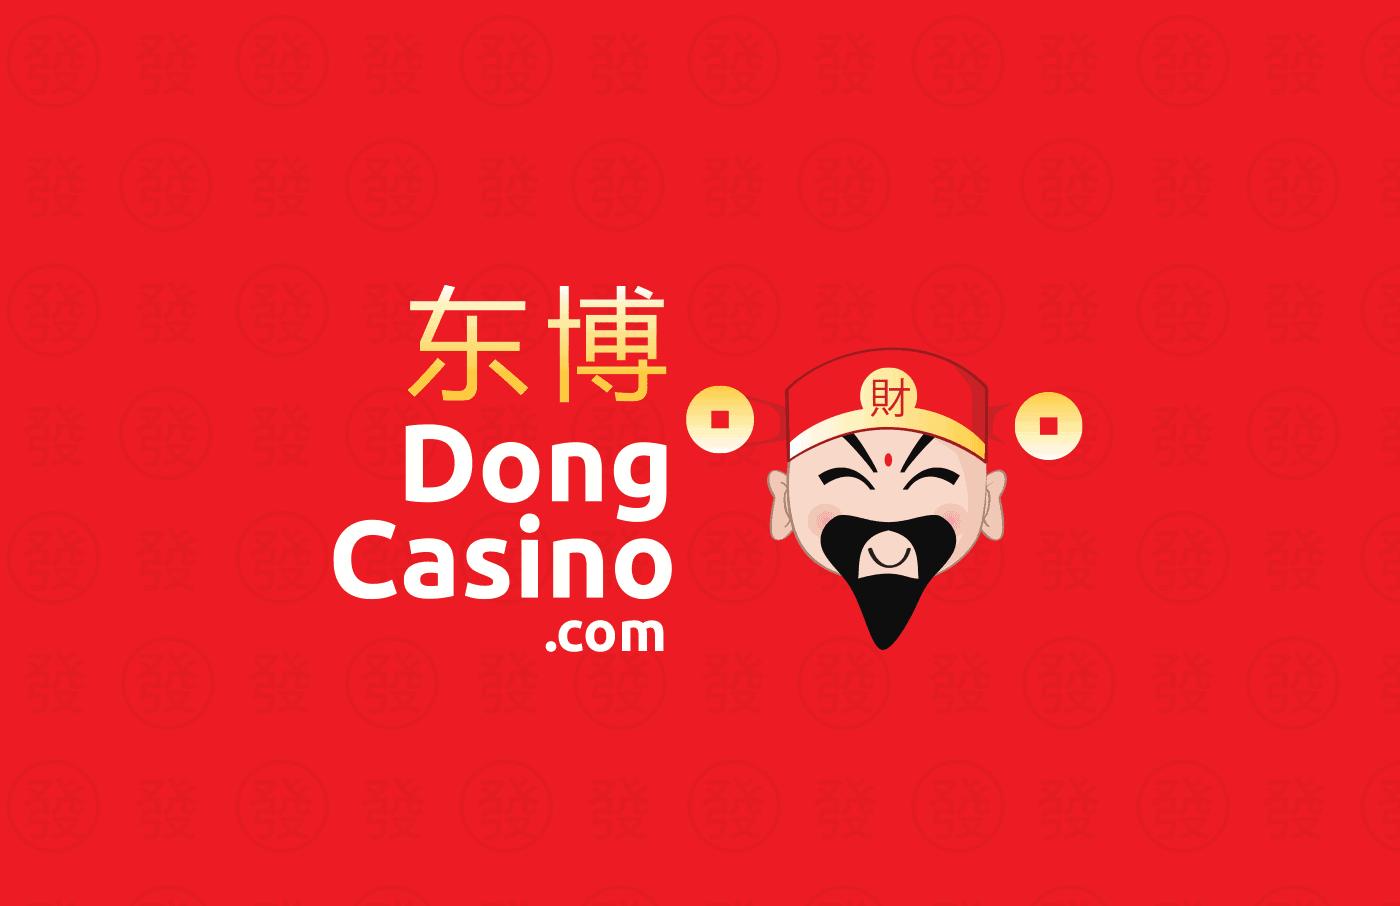 DongCasino